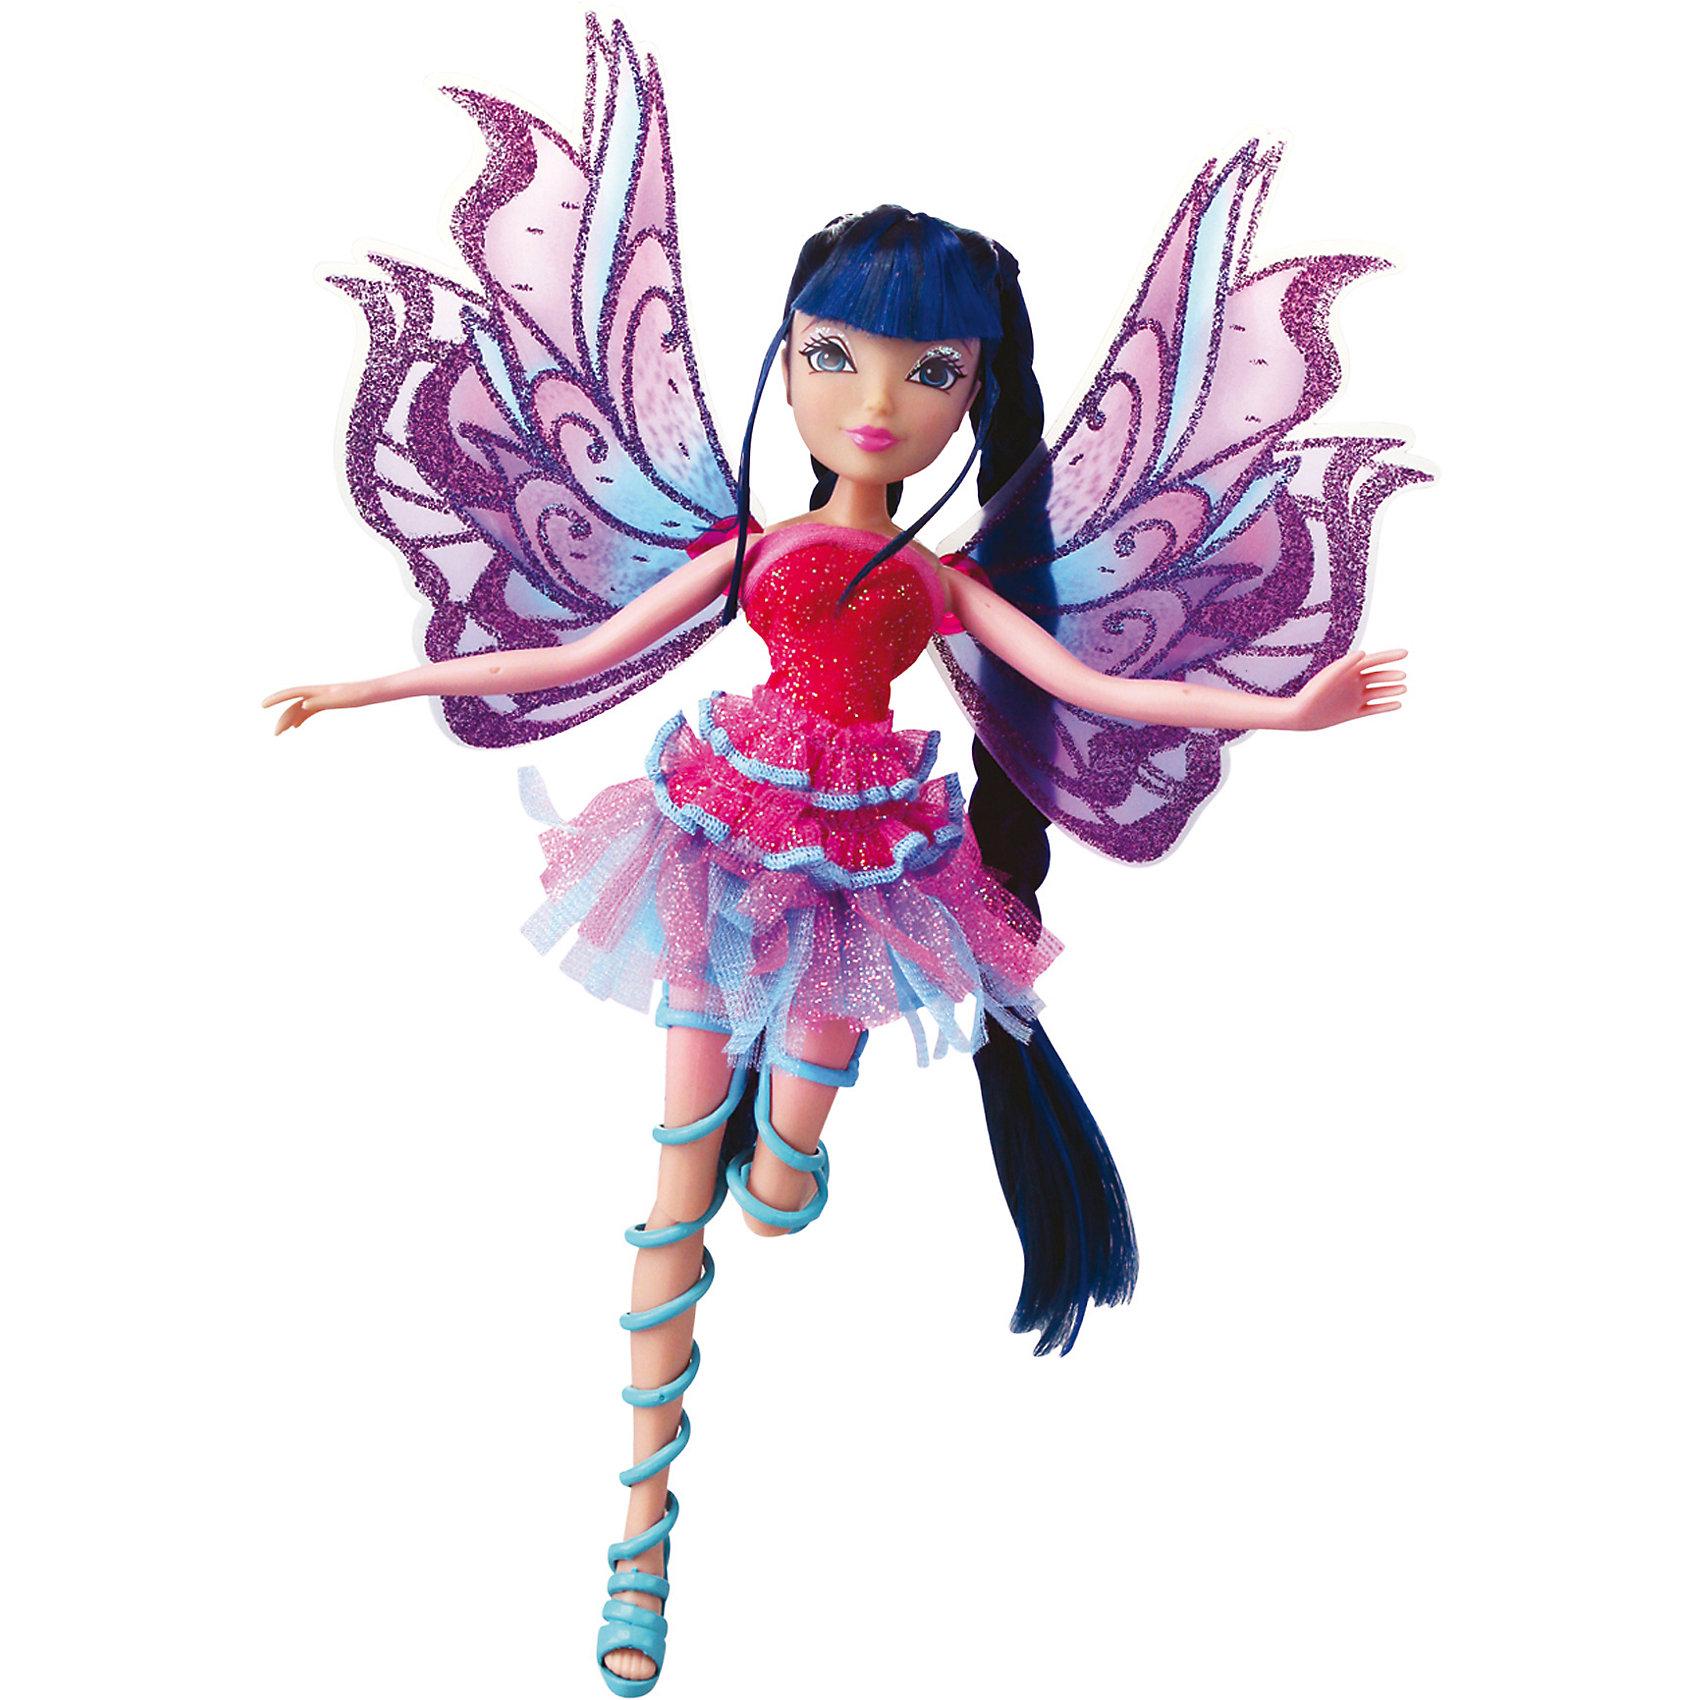 Кукла Winx Club Мификс МузаWinx Club<br>Очаровательные куколки выглядят в точности так же, как и героини мультсериала «Winx Club» (Винкс Клуб). Красавица - Муза одета в блестящее платье с приталенным лифом и пышной юбкой, на ногах куколки - оригинальные босоножки, в руках- волшебный скипетр. Длинные мягкие волосы очень приятно расчесывать, создавая великолепные прически. Позвольте вашей девочке почувствовать себя настоящей феей вместе с любимыми героинями. Собери все куколок, проигрывай запомнившиеся моменты из мультсериала или придумывай свои новые истории! <br><br>Дополнительная информация:<br><br>- Комплектация: кукла, скипетр, съемные крылья, одежда, обувь.<br>- Материал:  пластик, текстиль. <br>- Высота куклы: 27 см.<br>- Голова, руки, ноги подвижные. <br><br>Куклу Winx Club Мификс, Музу, можно купить в нашем магазине.<br><br>Ширина мм: 290<br>Глубина мм: 60<br>Высота мм: 345<br>Вес г: 375<br>Возраст от месяцев: 36<br>Возраст до месяцев: 84<br>Пол: Женский<br>Возраст: Детский<br>SKU: 4345031